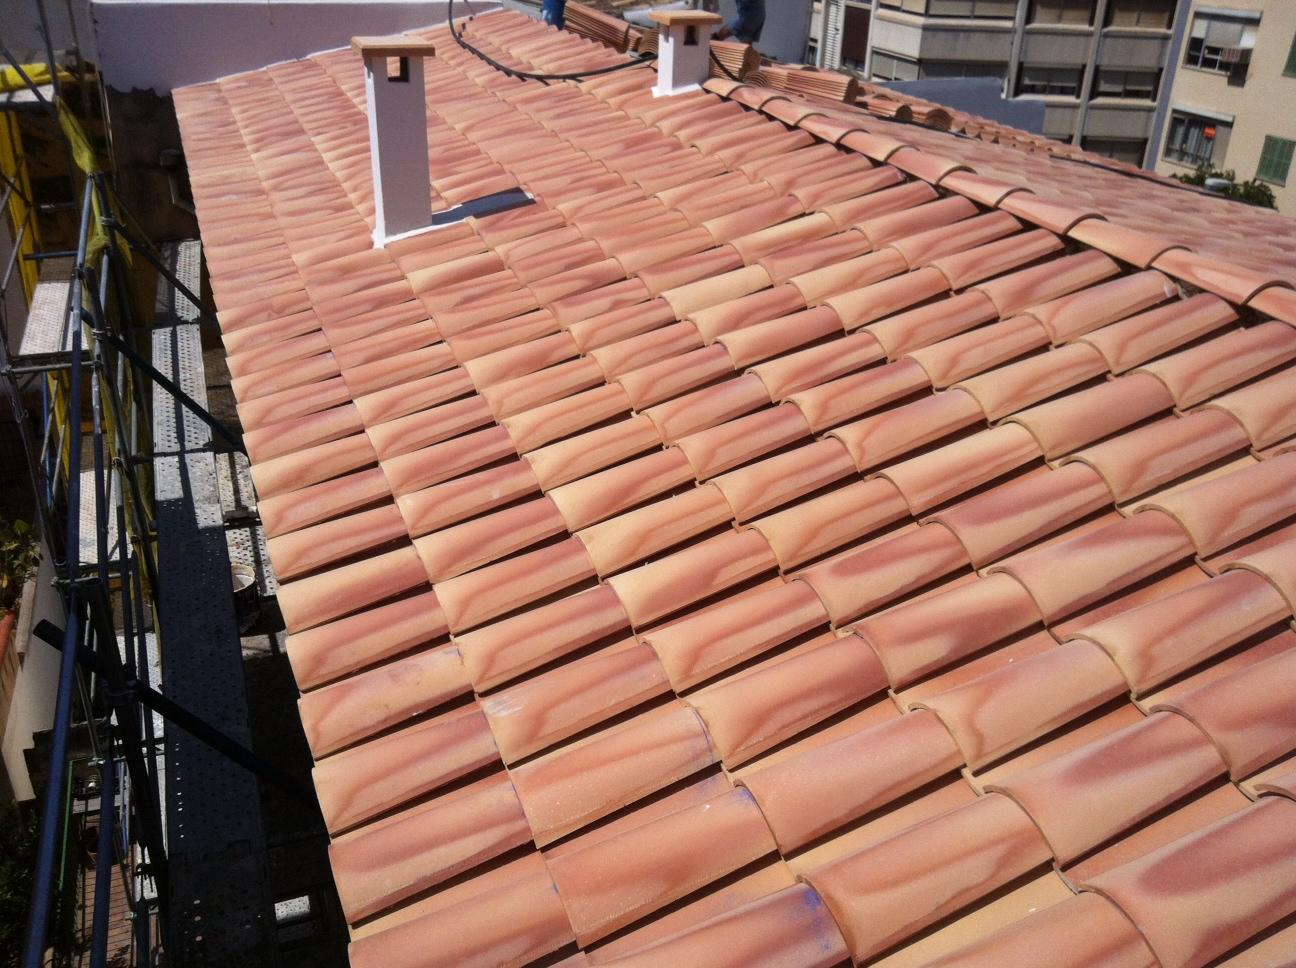 Pendiente tejado teja arabe teja mixta tb with pendiente for Tejados de madera y teja